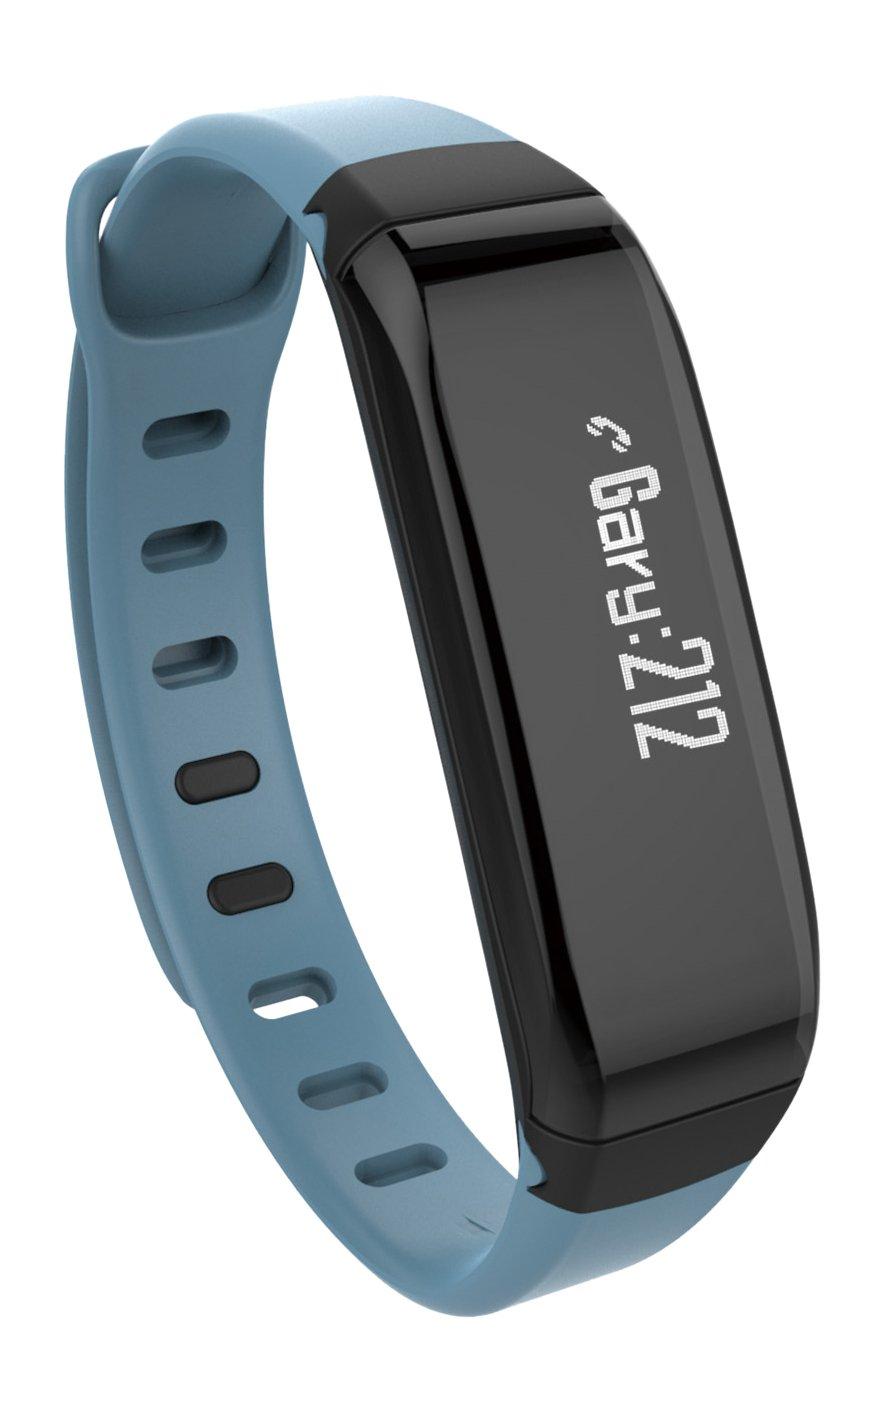 WEGO Relay Wireless Activity Sleep Tracker by WEGO B017XBABA2